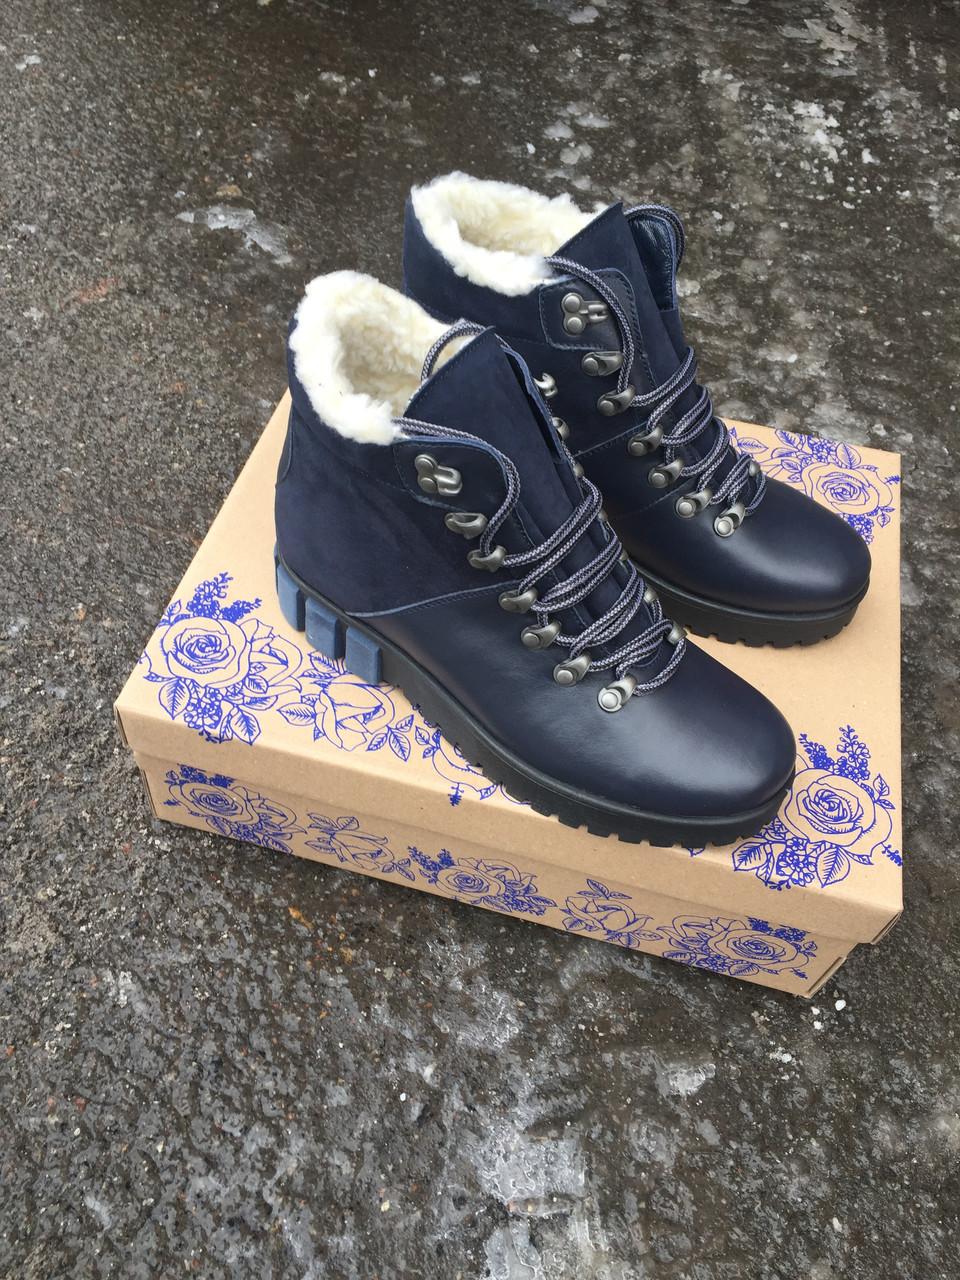 Женские зимние ботинки натуральная кожа и мех Турции